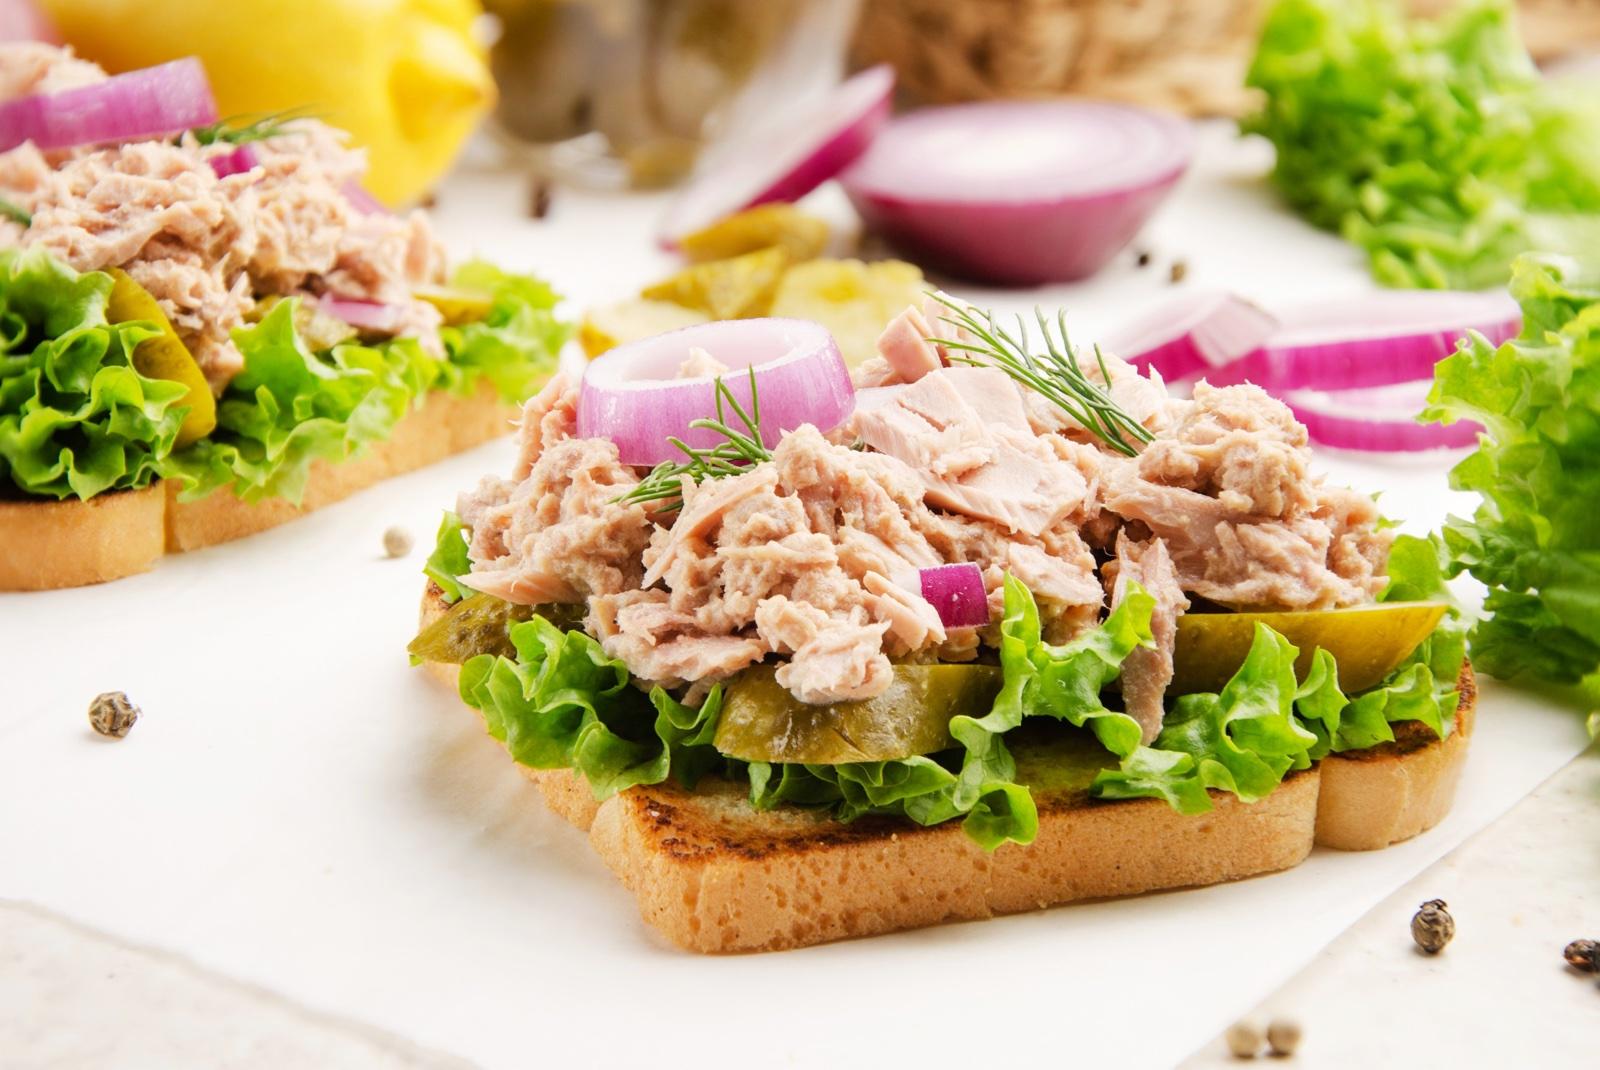 Sándwich de atún en ensalada